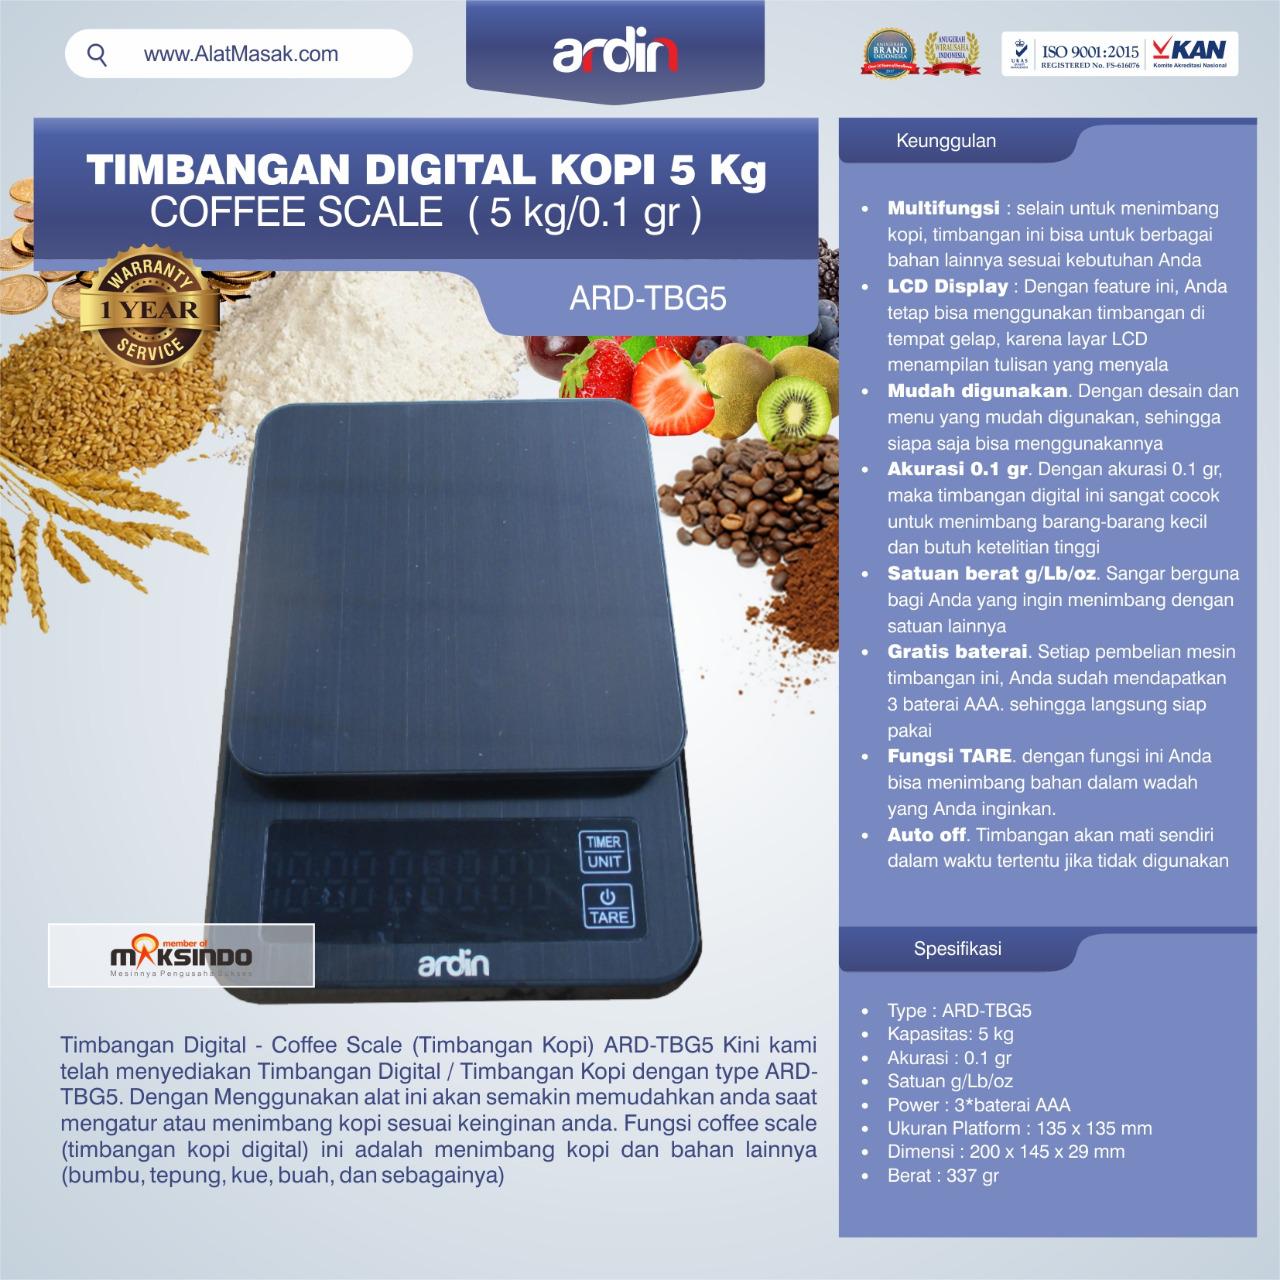 Jual Timbangan Digital Kopi 5 kg ARD-TBG5 (coffee scale) di Tangerang